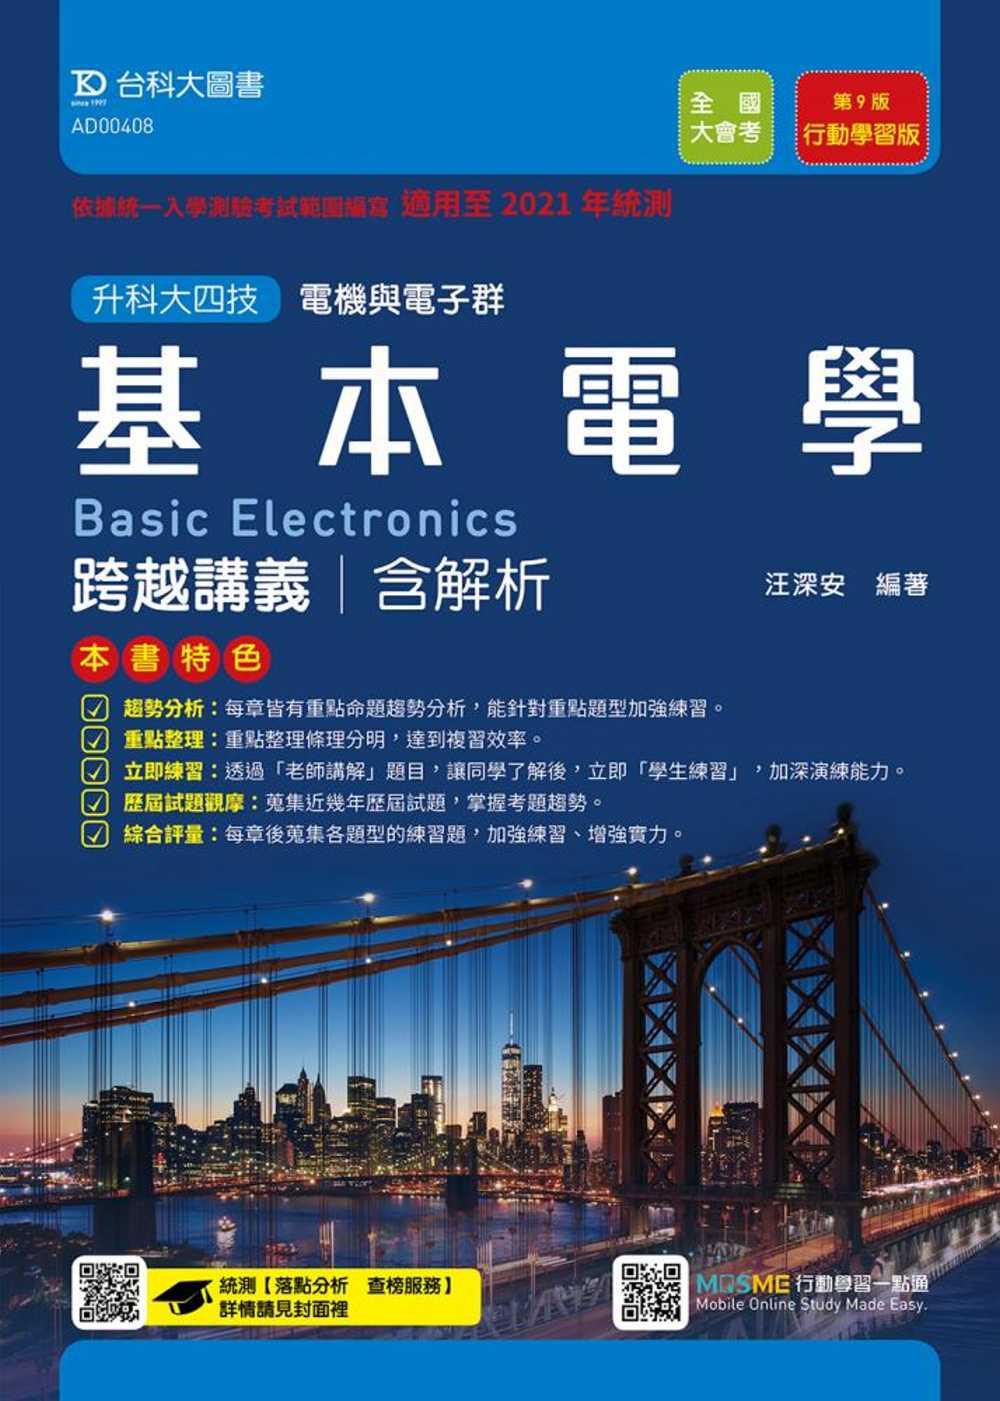 升科大四技電機與電子群基本電學跨越講義含解析:行動學習版(第九版)(適用至2021年統測)(附贈MOSME行動學習一點通)